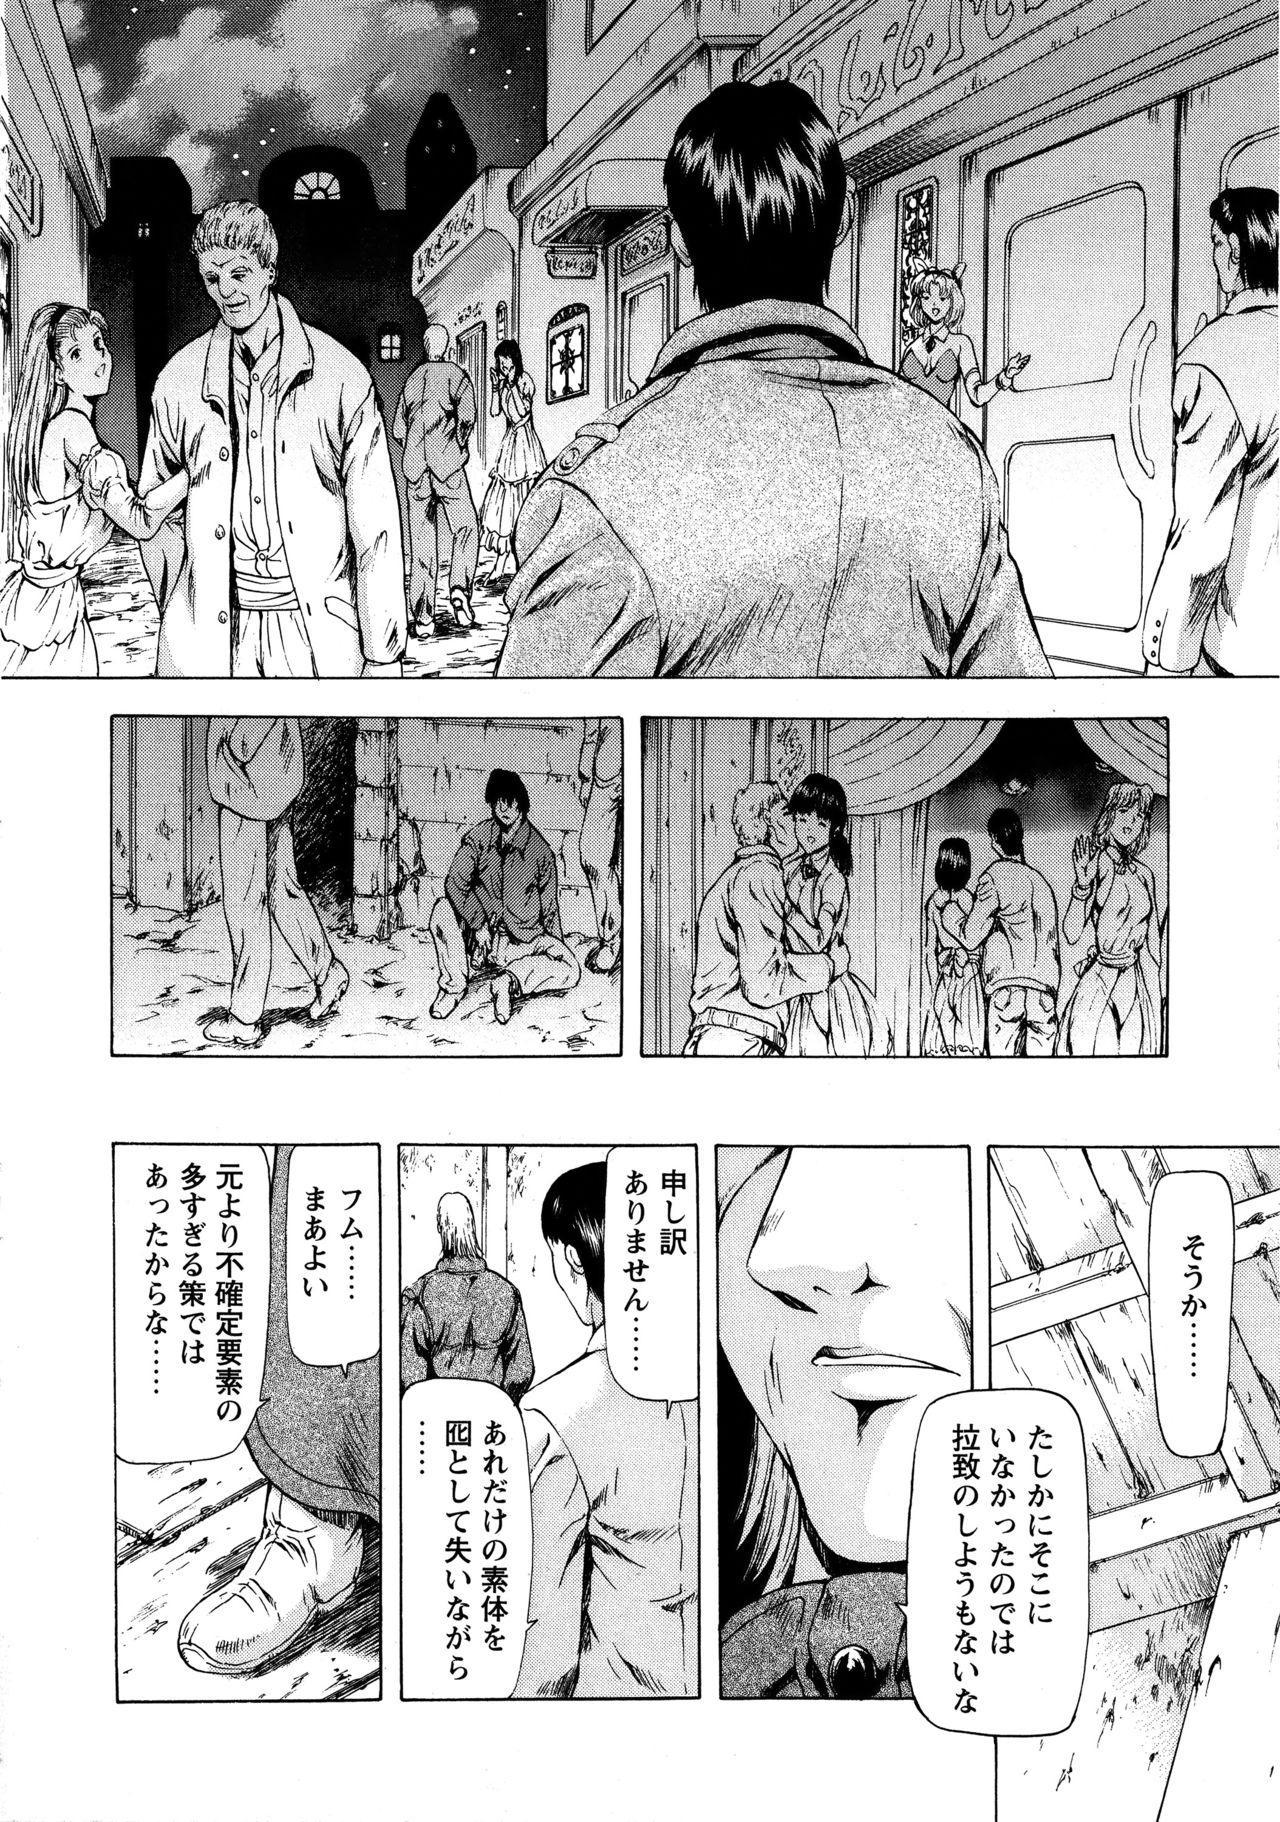 Ginryuu no Reimei Vol. 1 63